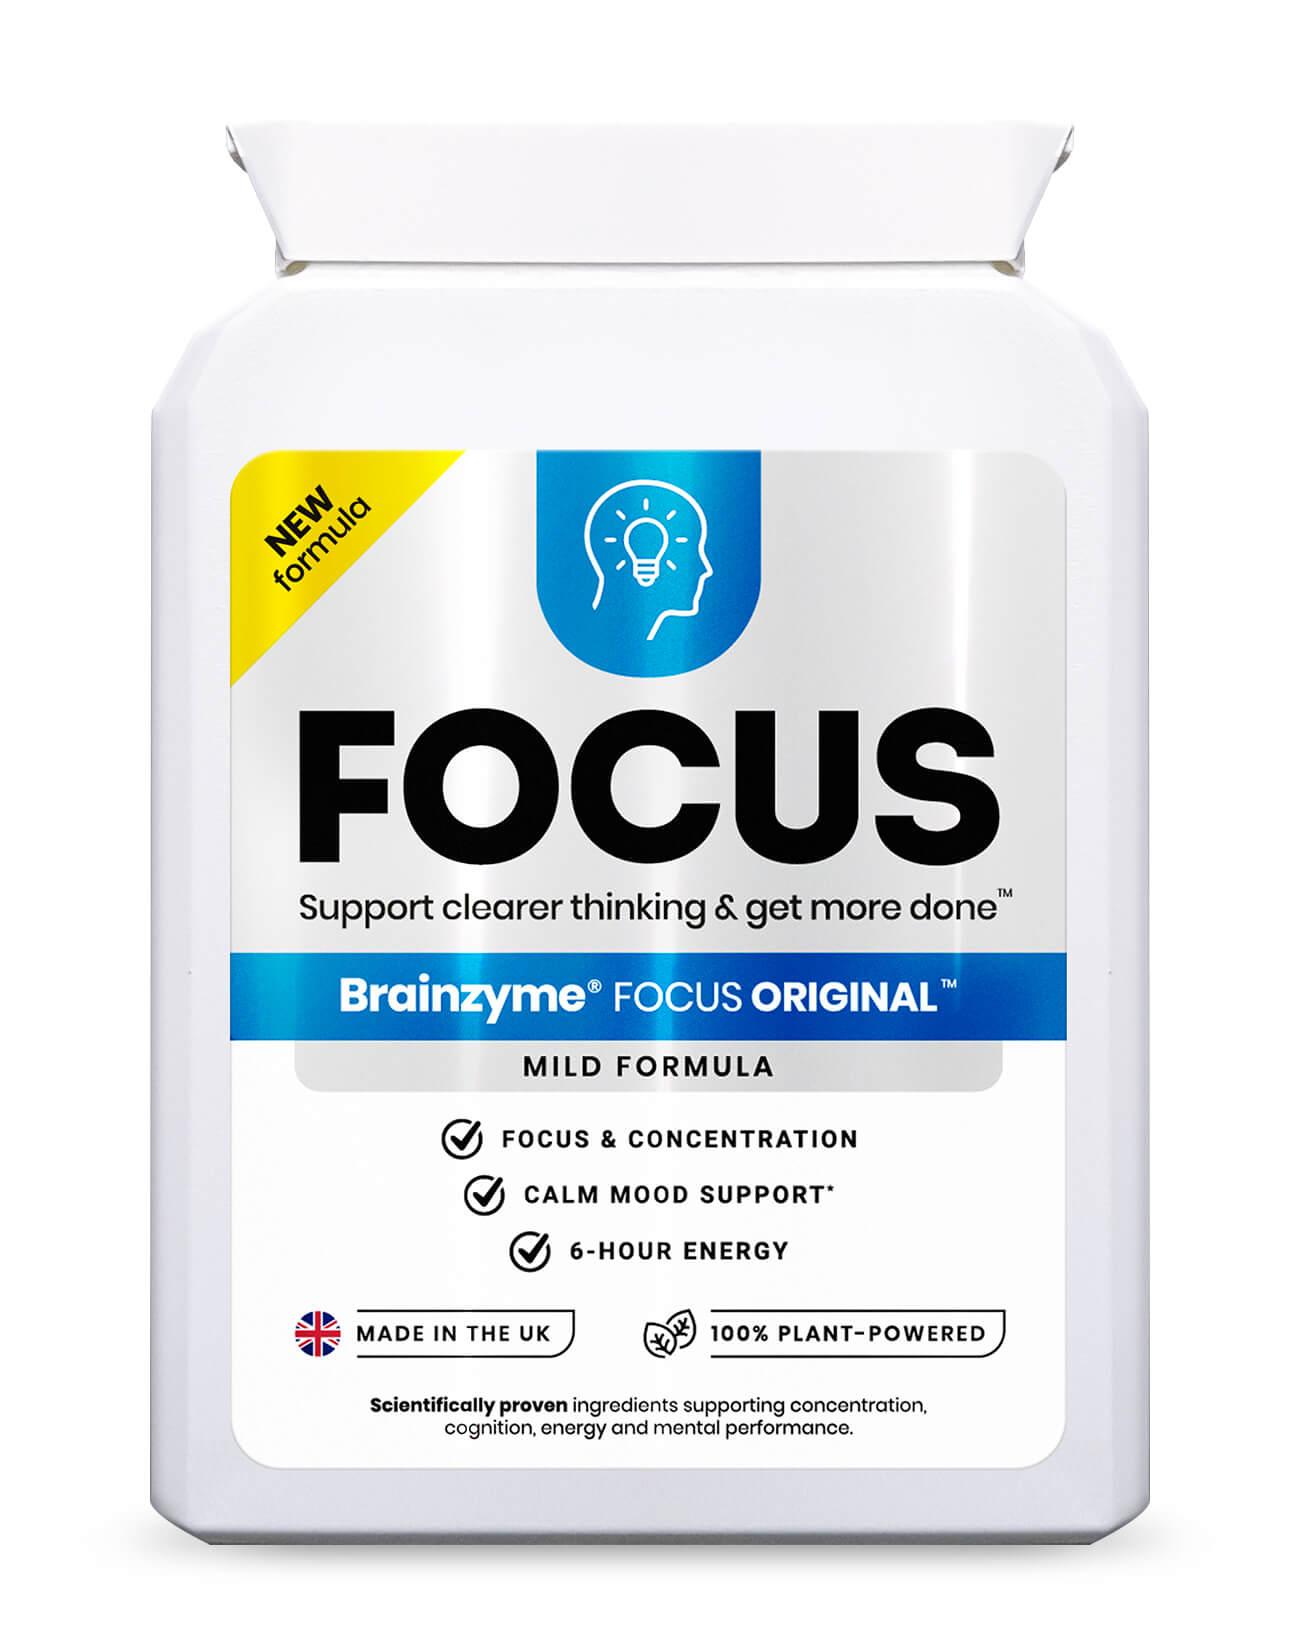 Brainzyme Focus Original 30's